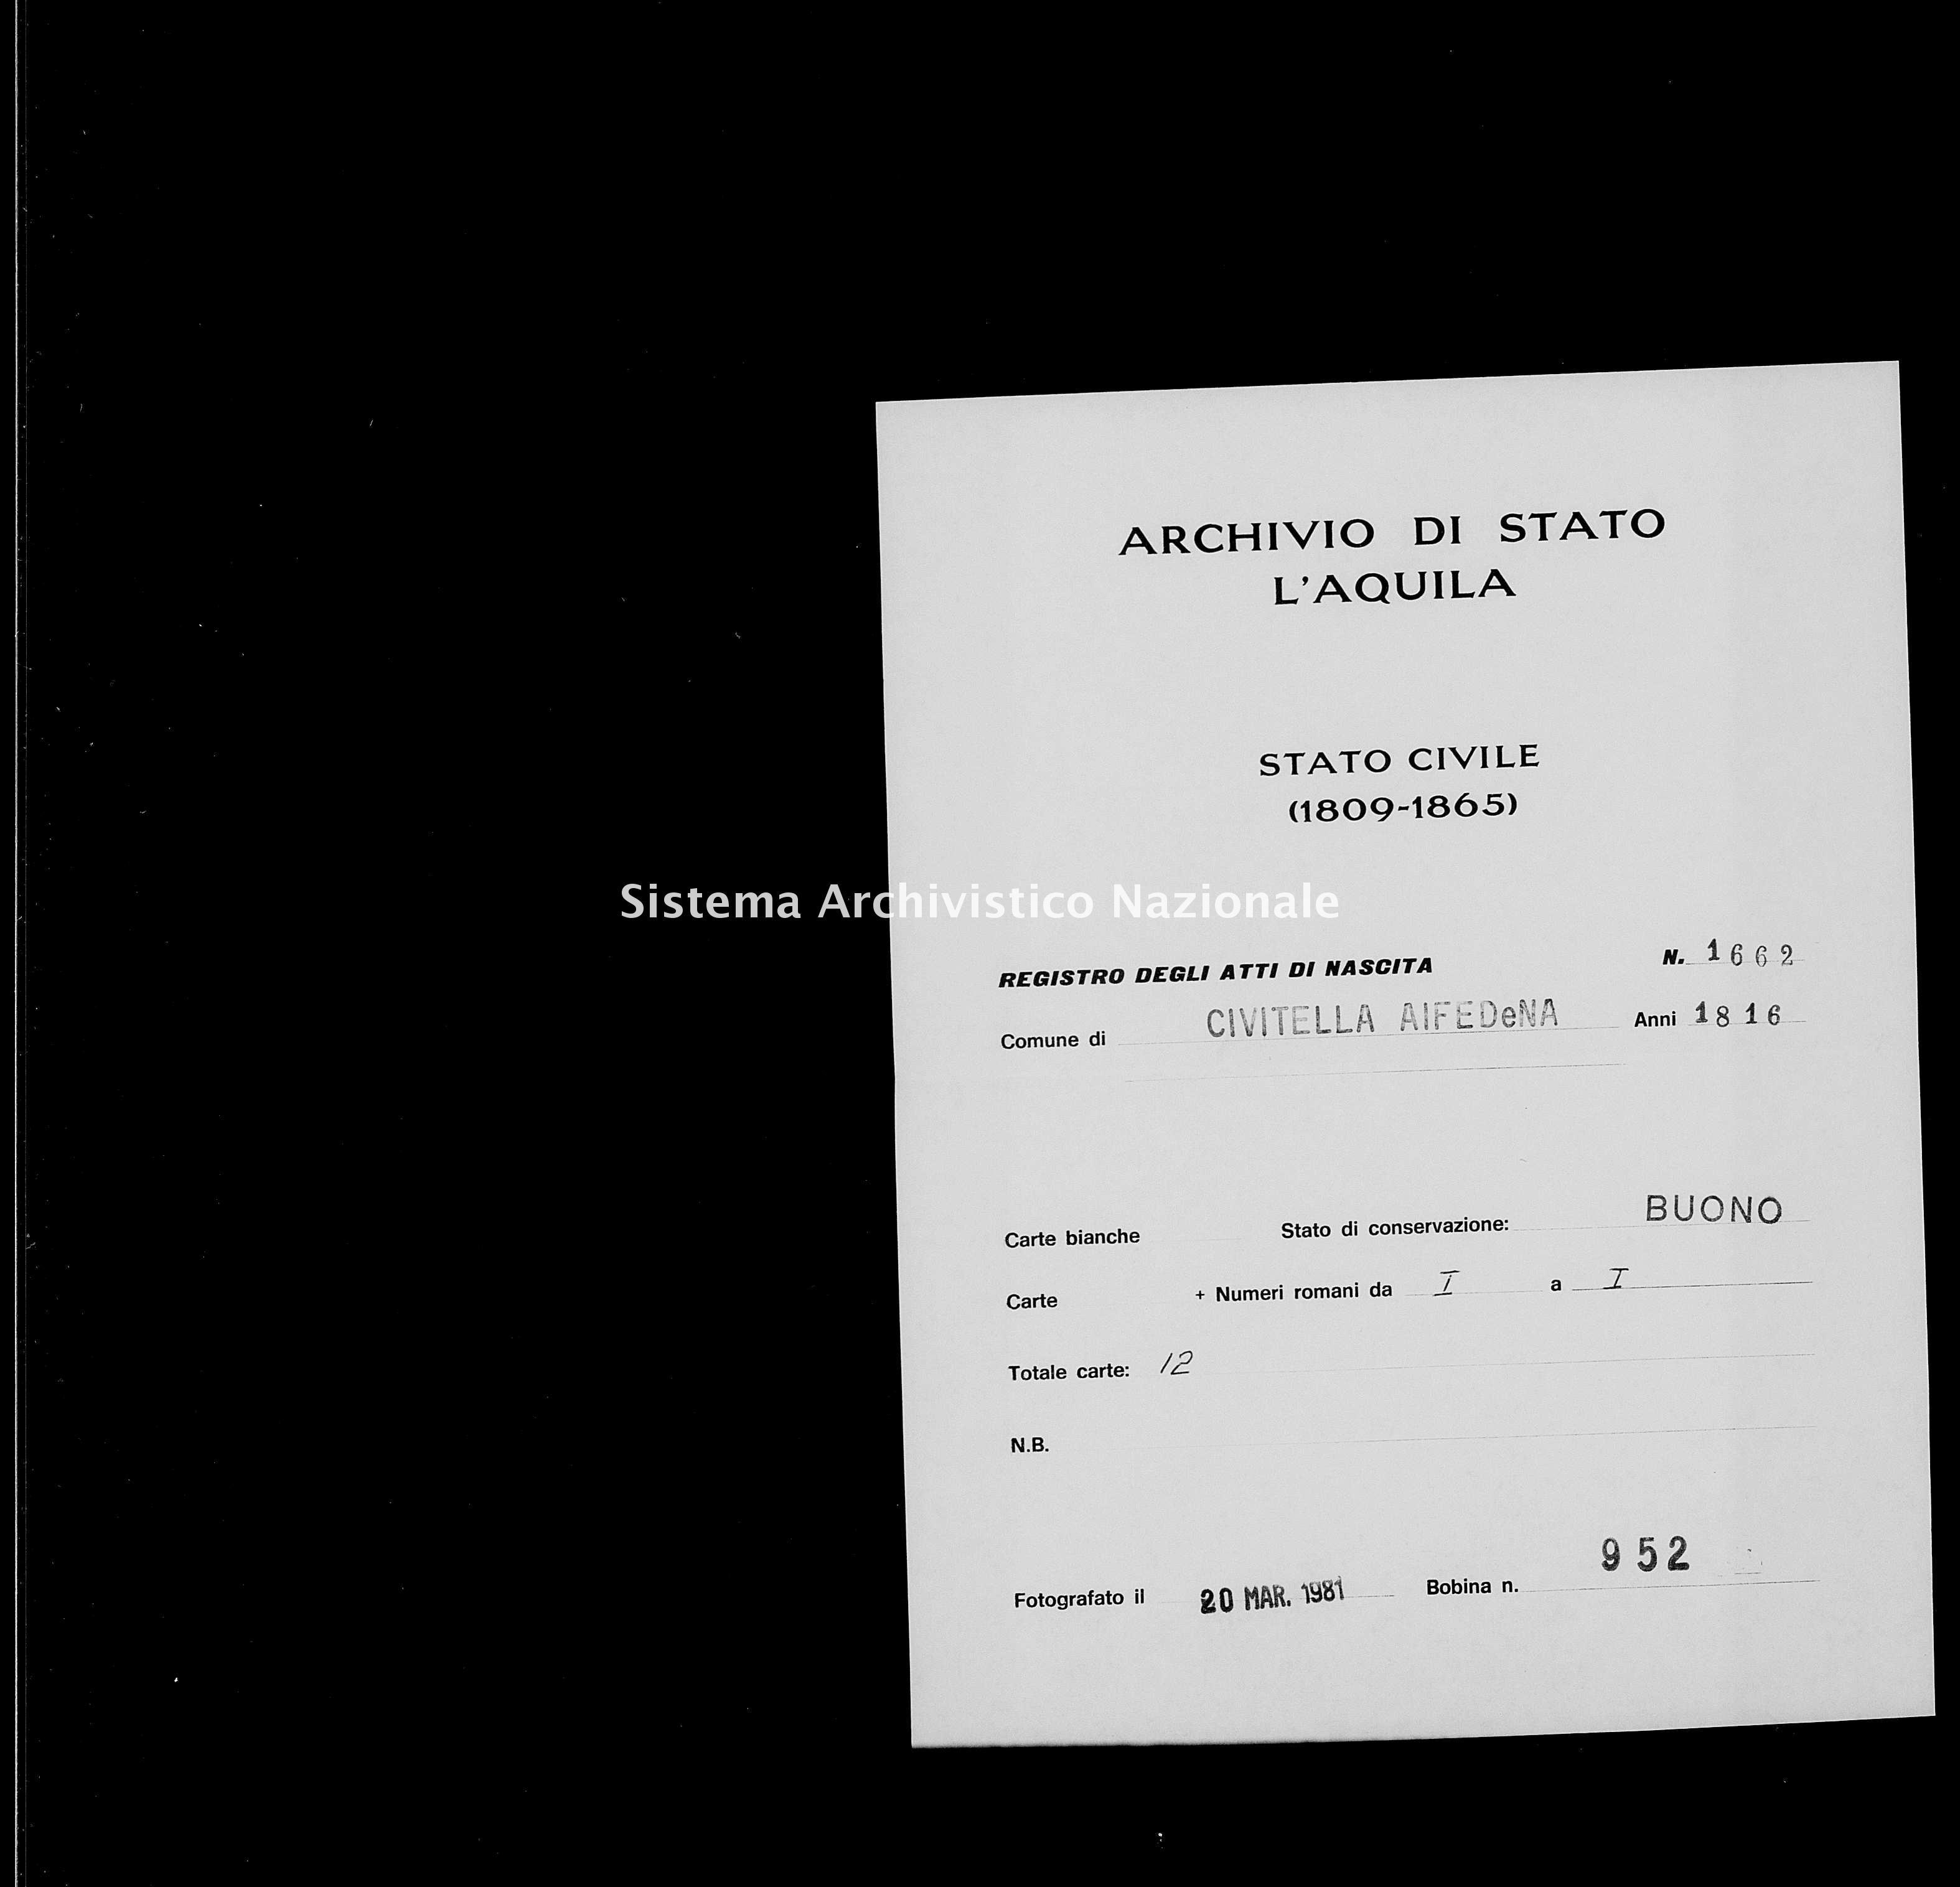 Archivio di stato di L'aquila - Stato civile della restaurazione - Civitella Alfedena - Nati - 1816 - 1662 -